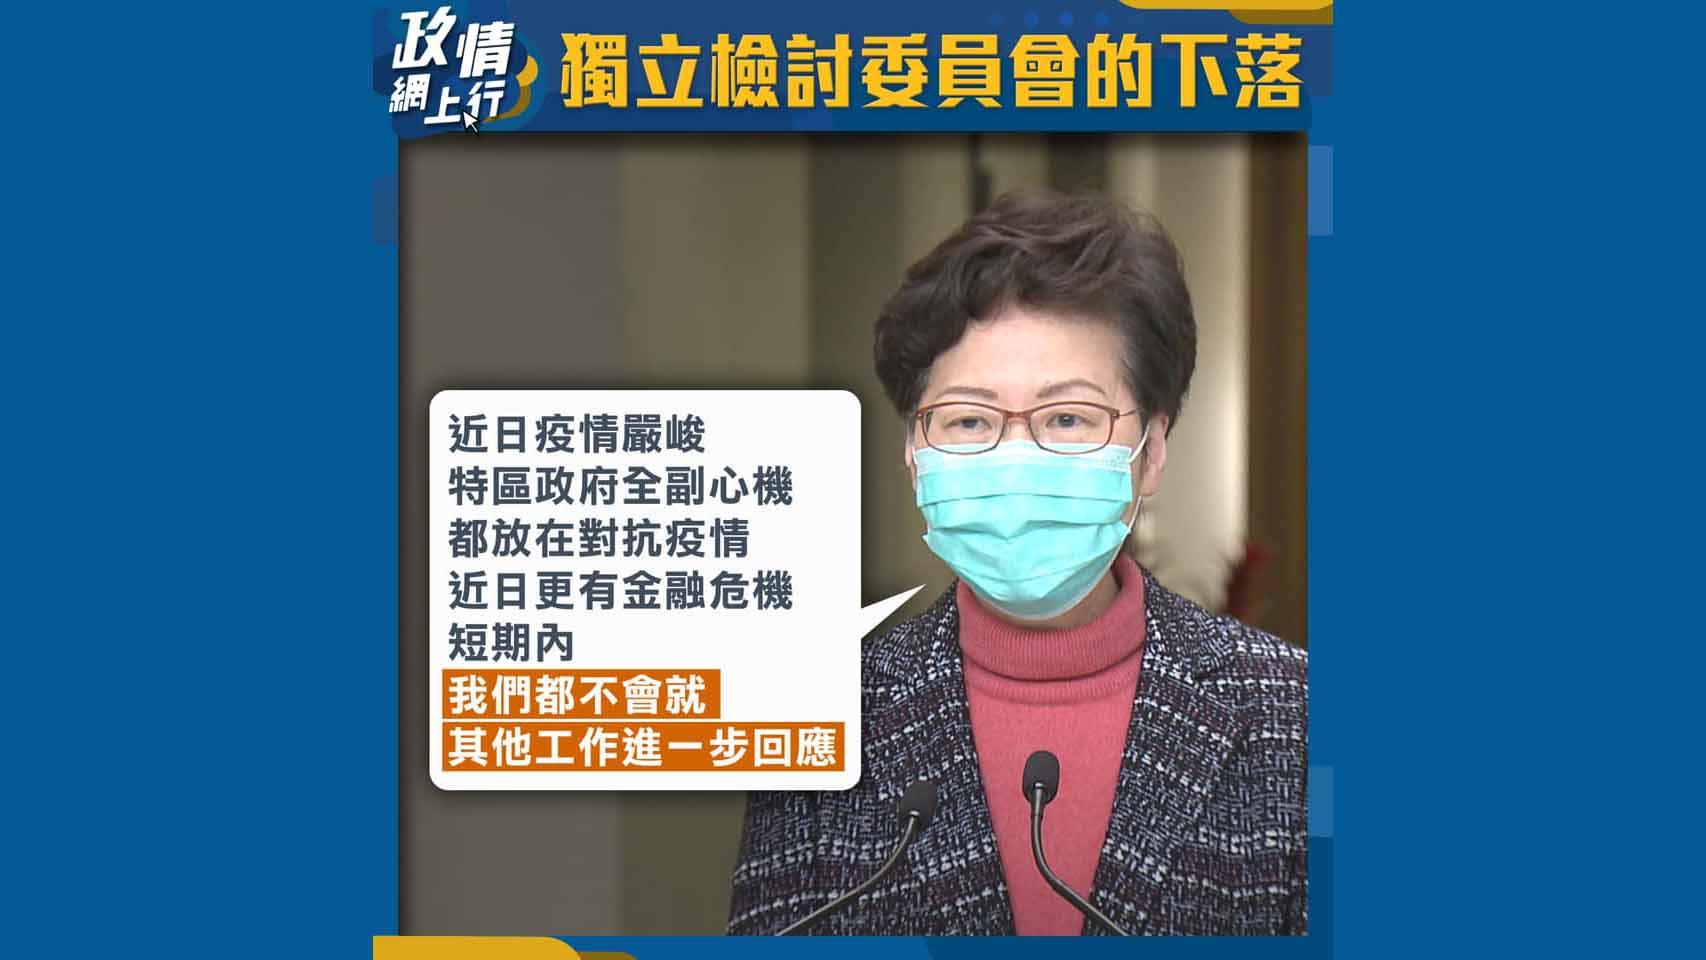 【政情網上行】獨立檢討委員會的下落